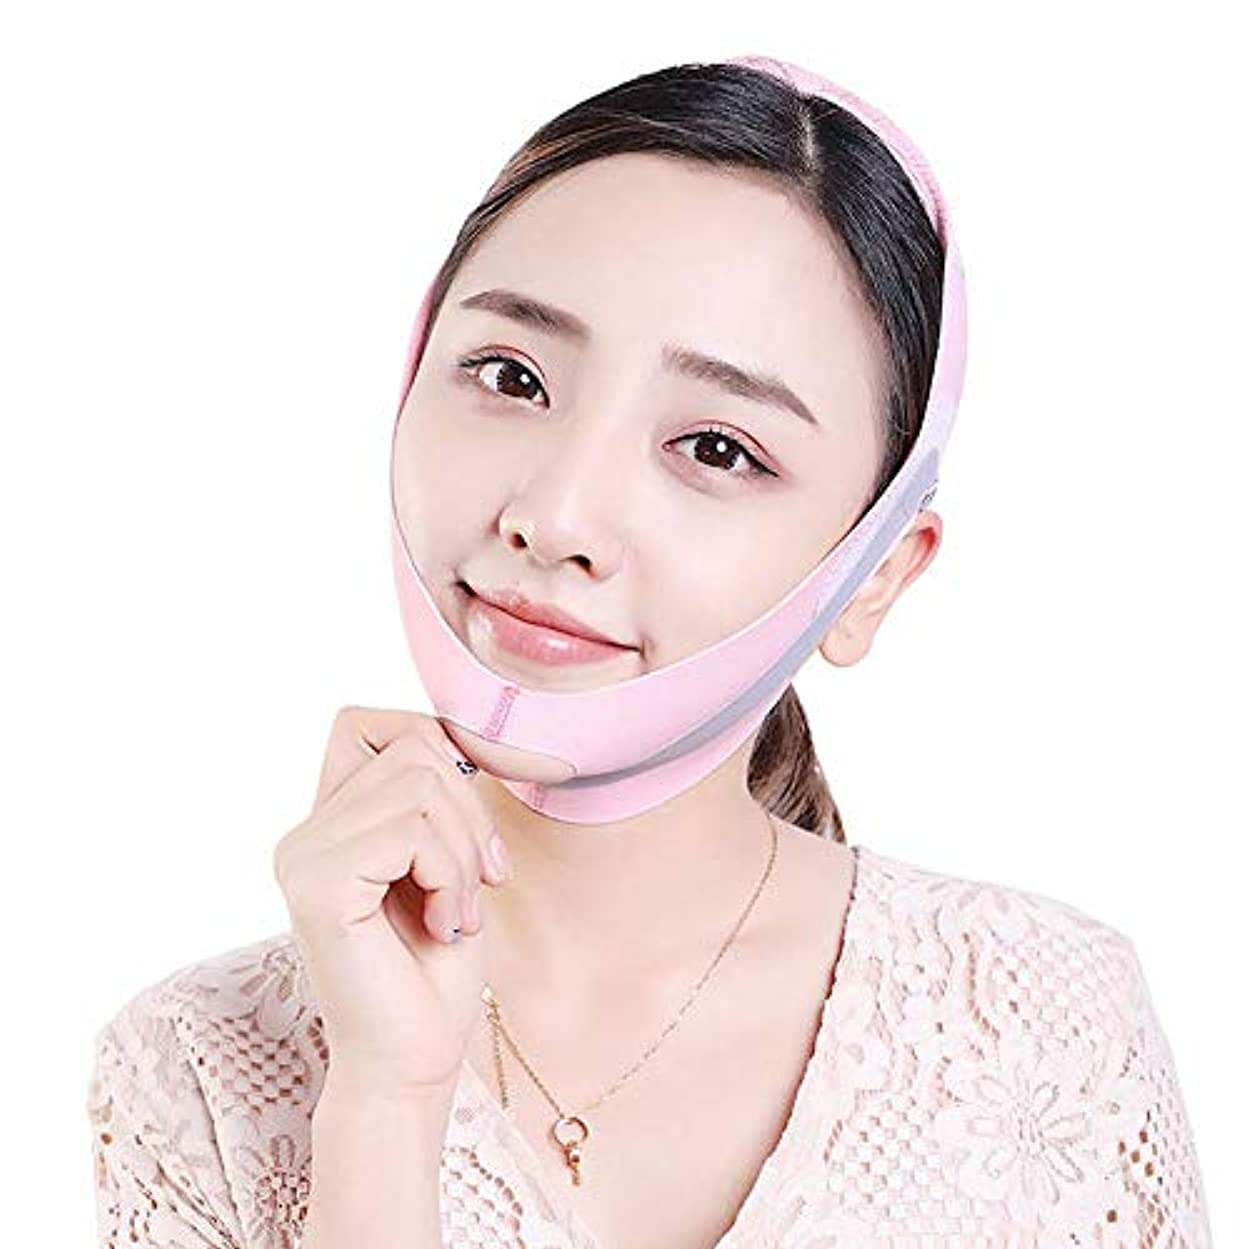 チャレンジ安価なほかにたるみを防ぐために顔を持ち上げるために筋肉を引き締めるために二重あごのステッカーとラインを削除するために、顔を持ち上げるアーティファクト包帯があります - ピンク